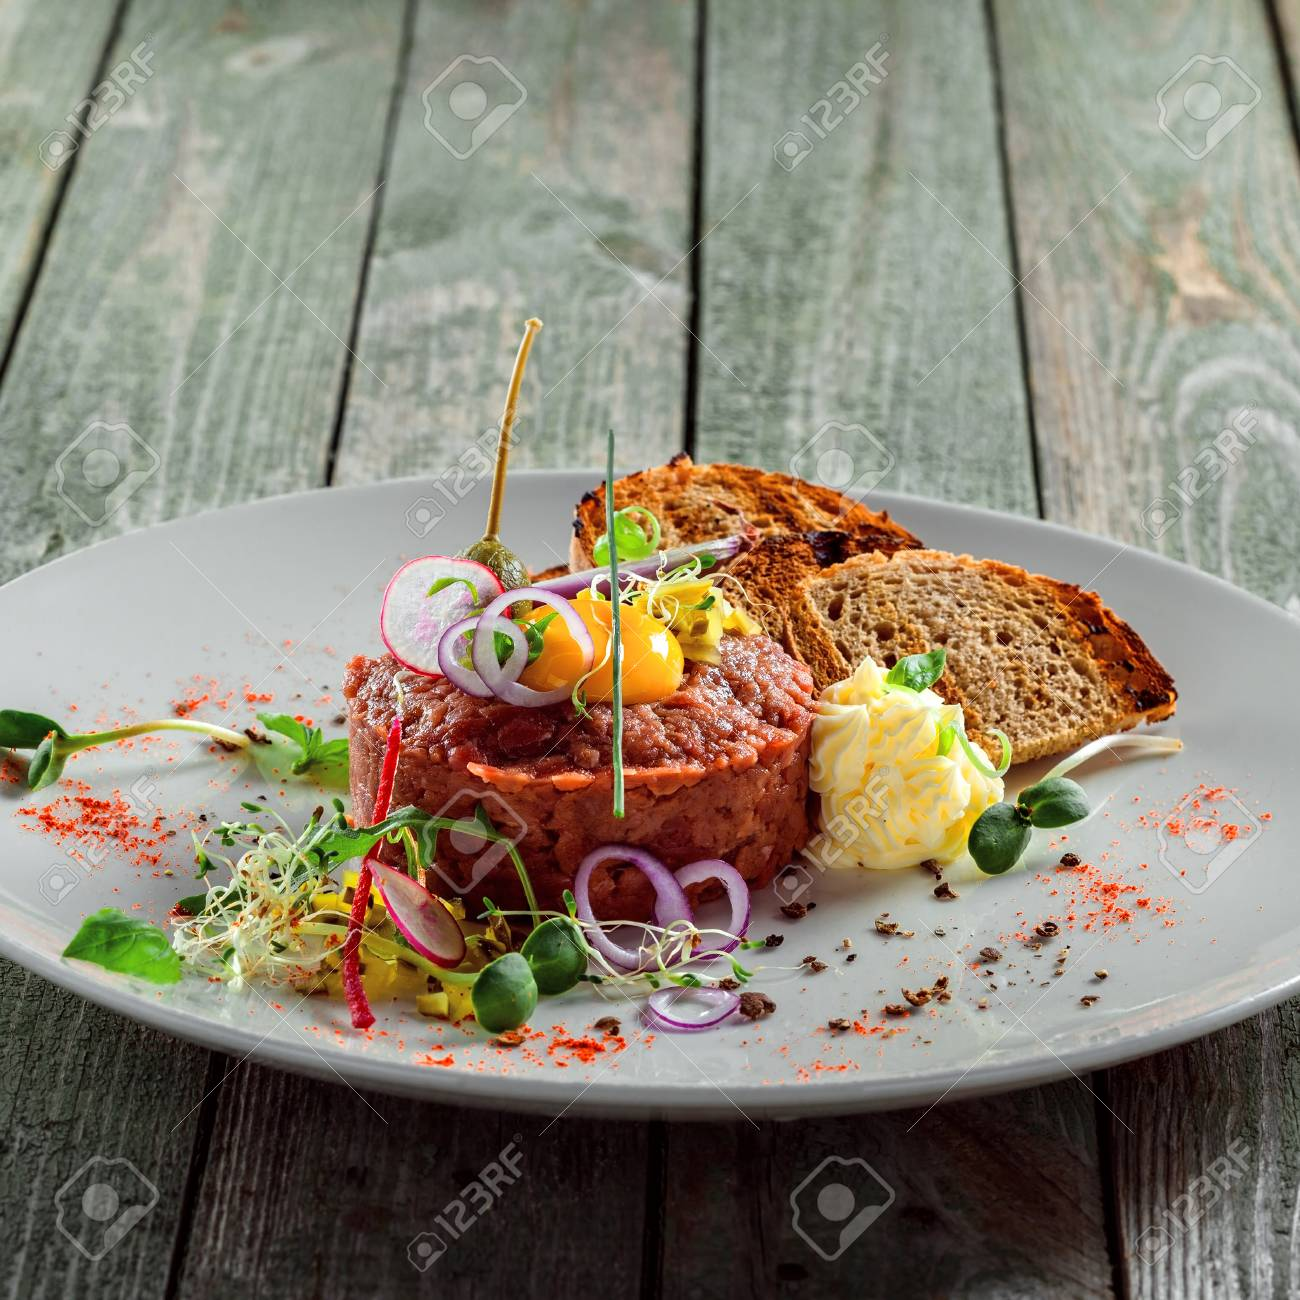 Klassische französische küche  Köstliches Tartare Mit Toastbrot Und Salat Auf Einer Platte. Gesunde ...